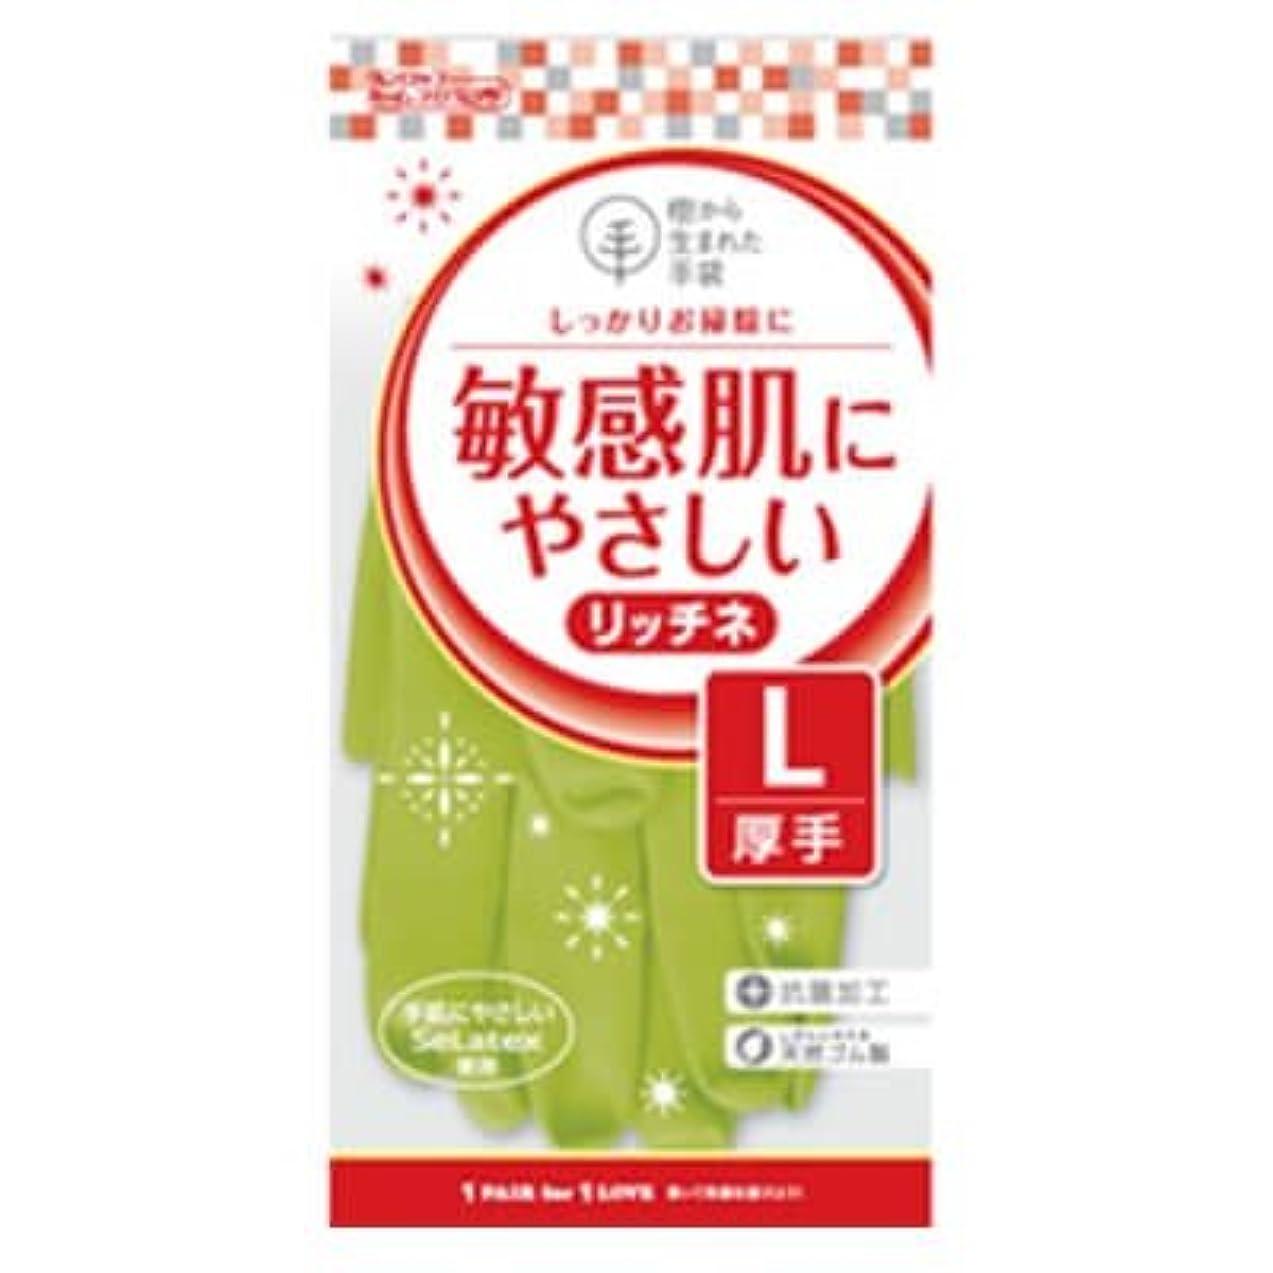 ビルマ注入する権利を与える【ケース販売】 ダンロップ 敏感肌にやさしい リッチネ 厚手 L グリーン (10双×12袋)